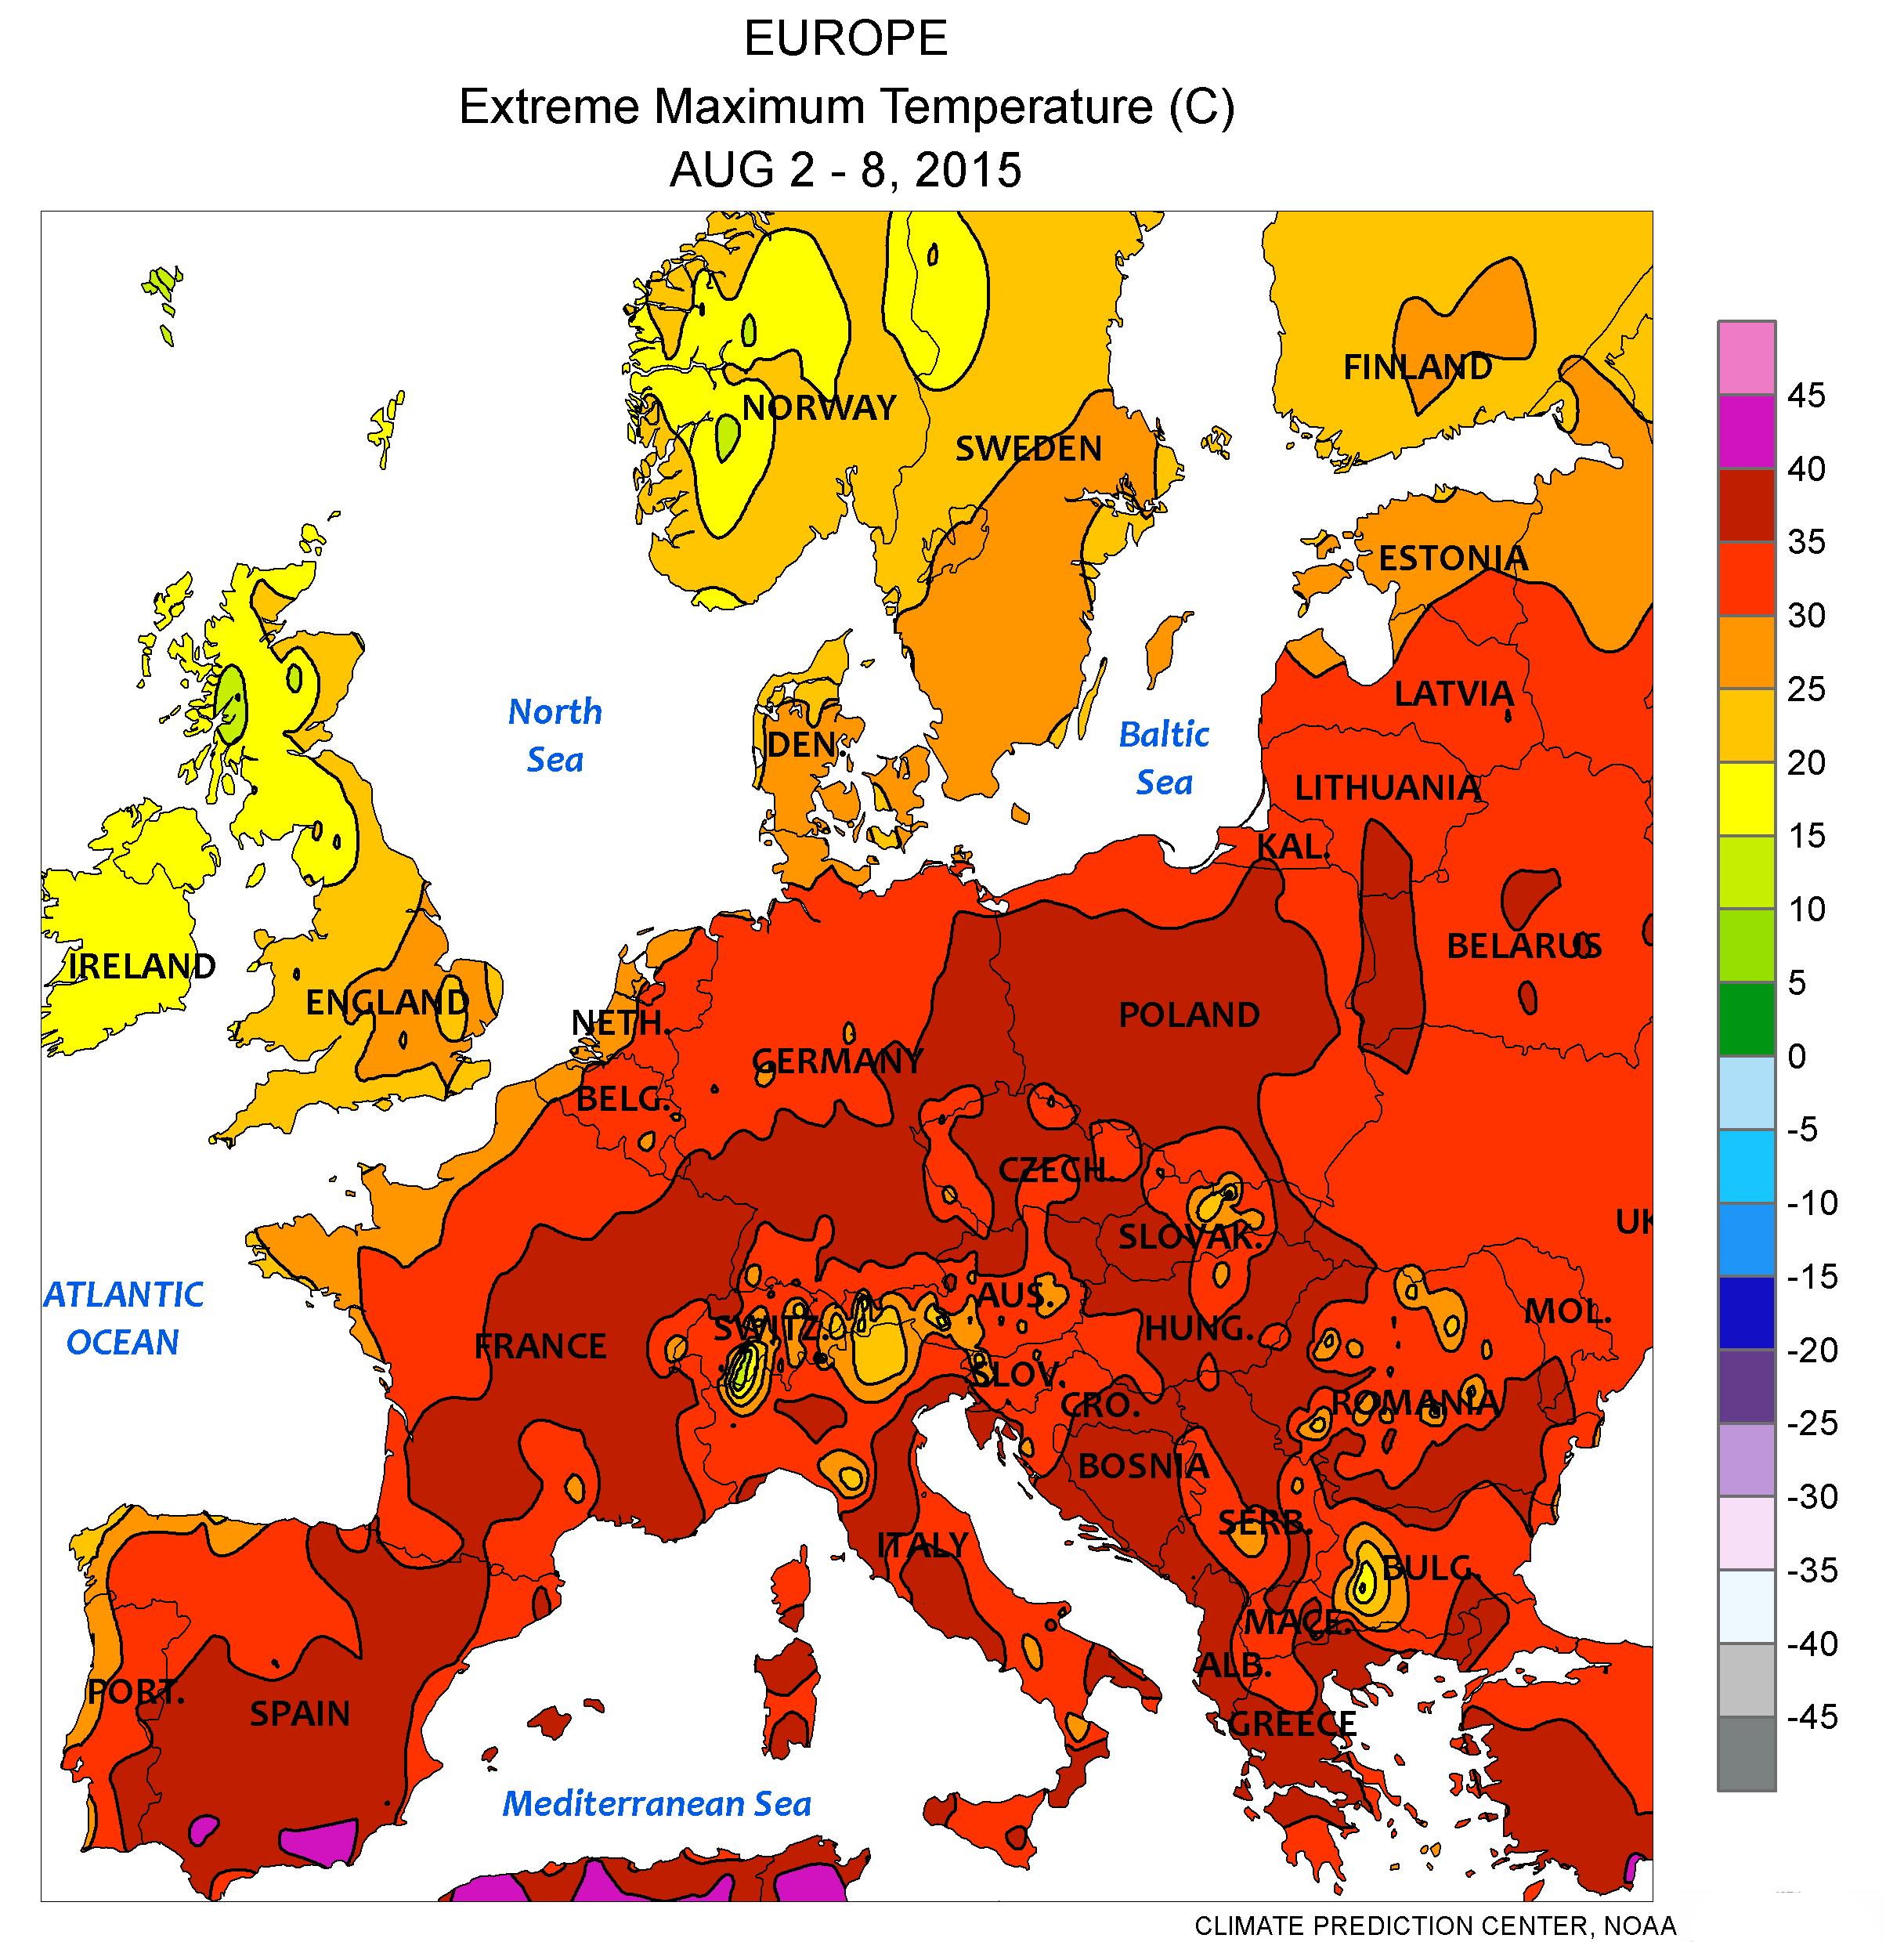 file nws noaa europe extreme maximum temperature aug 02 08 2015